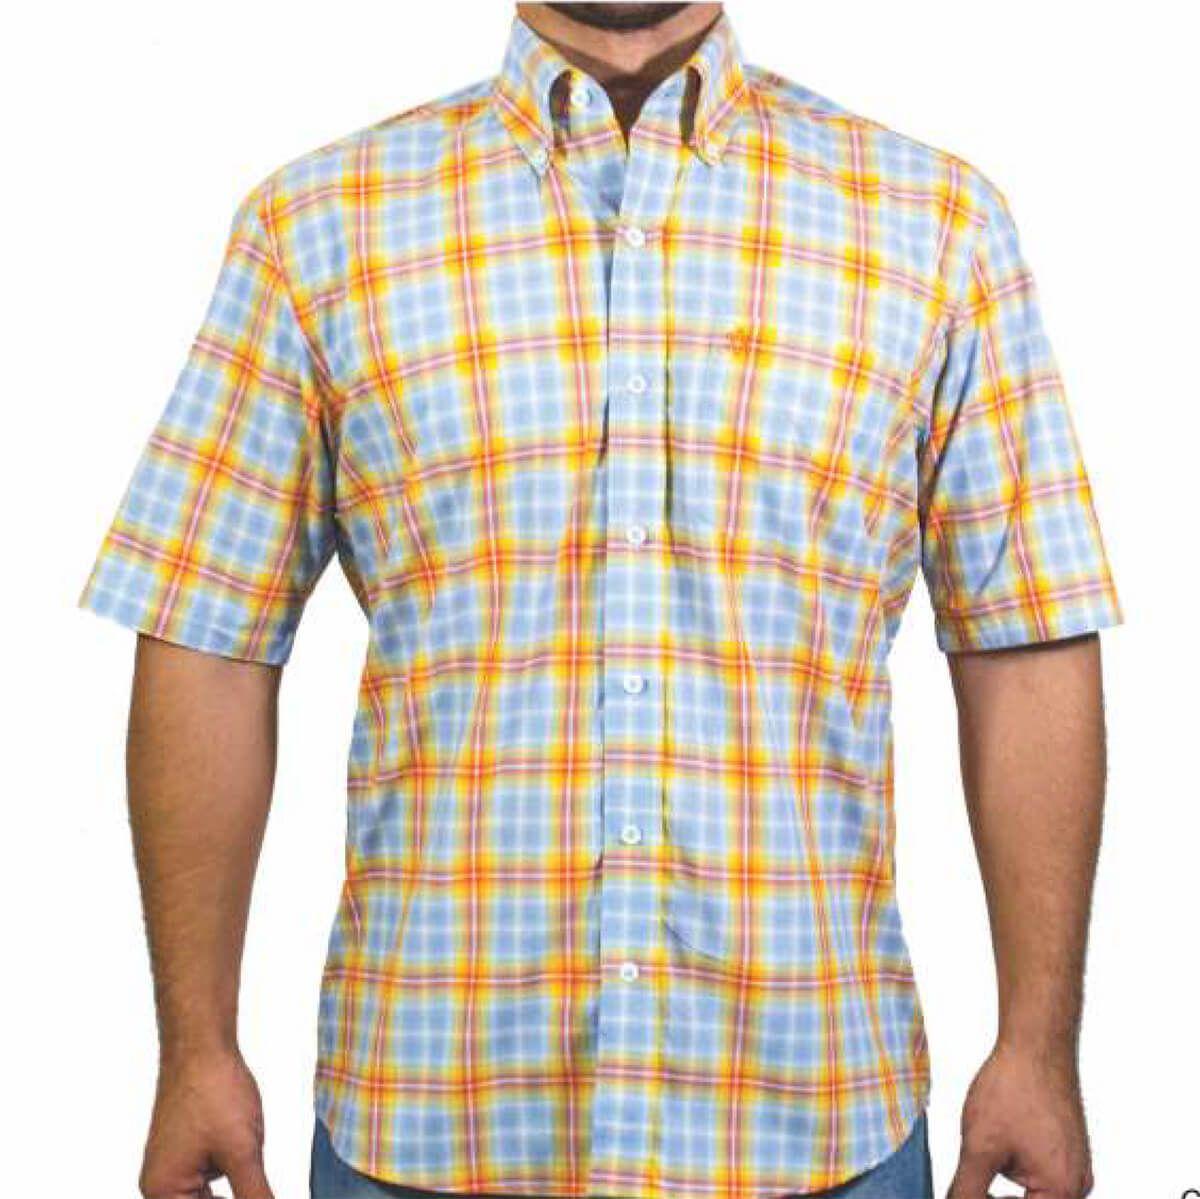 Camisa Tuff Masculina Xadrez Azul Listra Amarela E Vermelha - Arena Country  Echaporã e09ffd19dba99